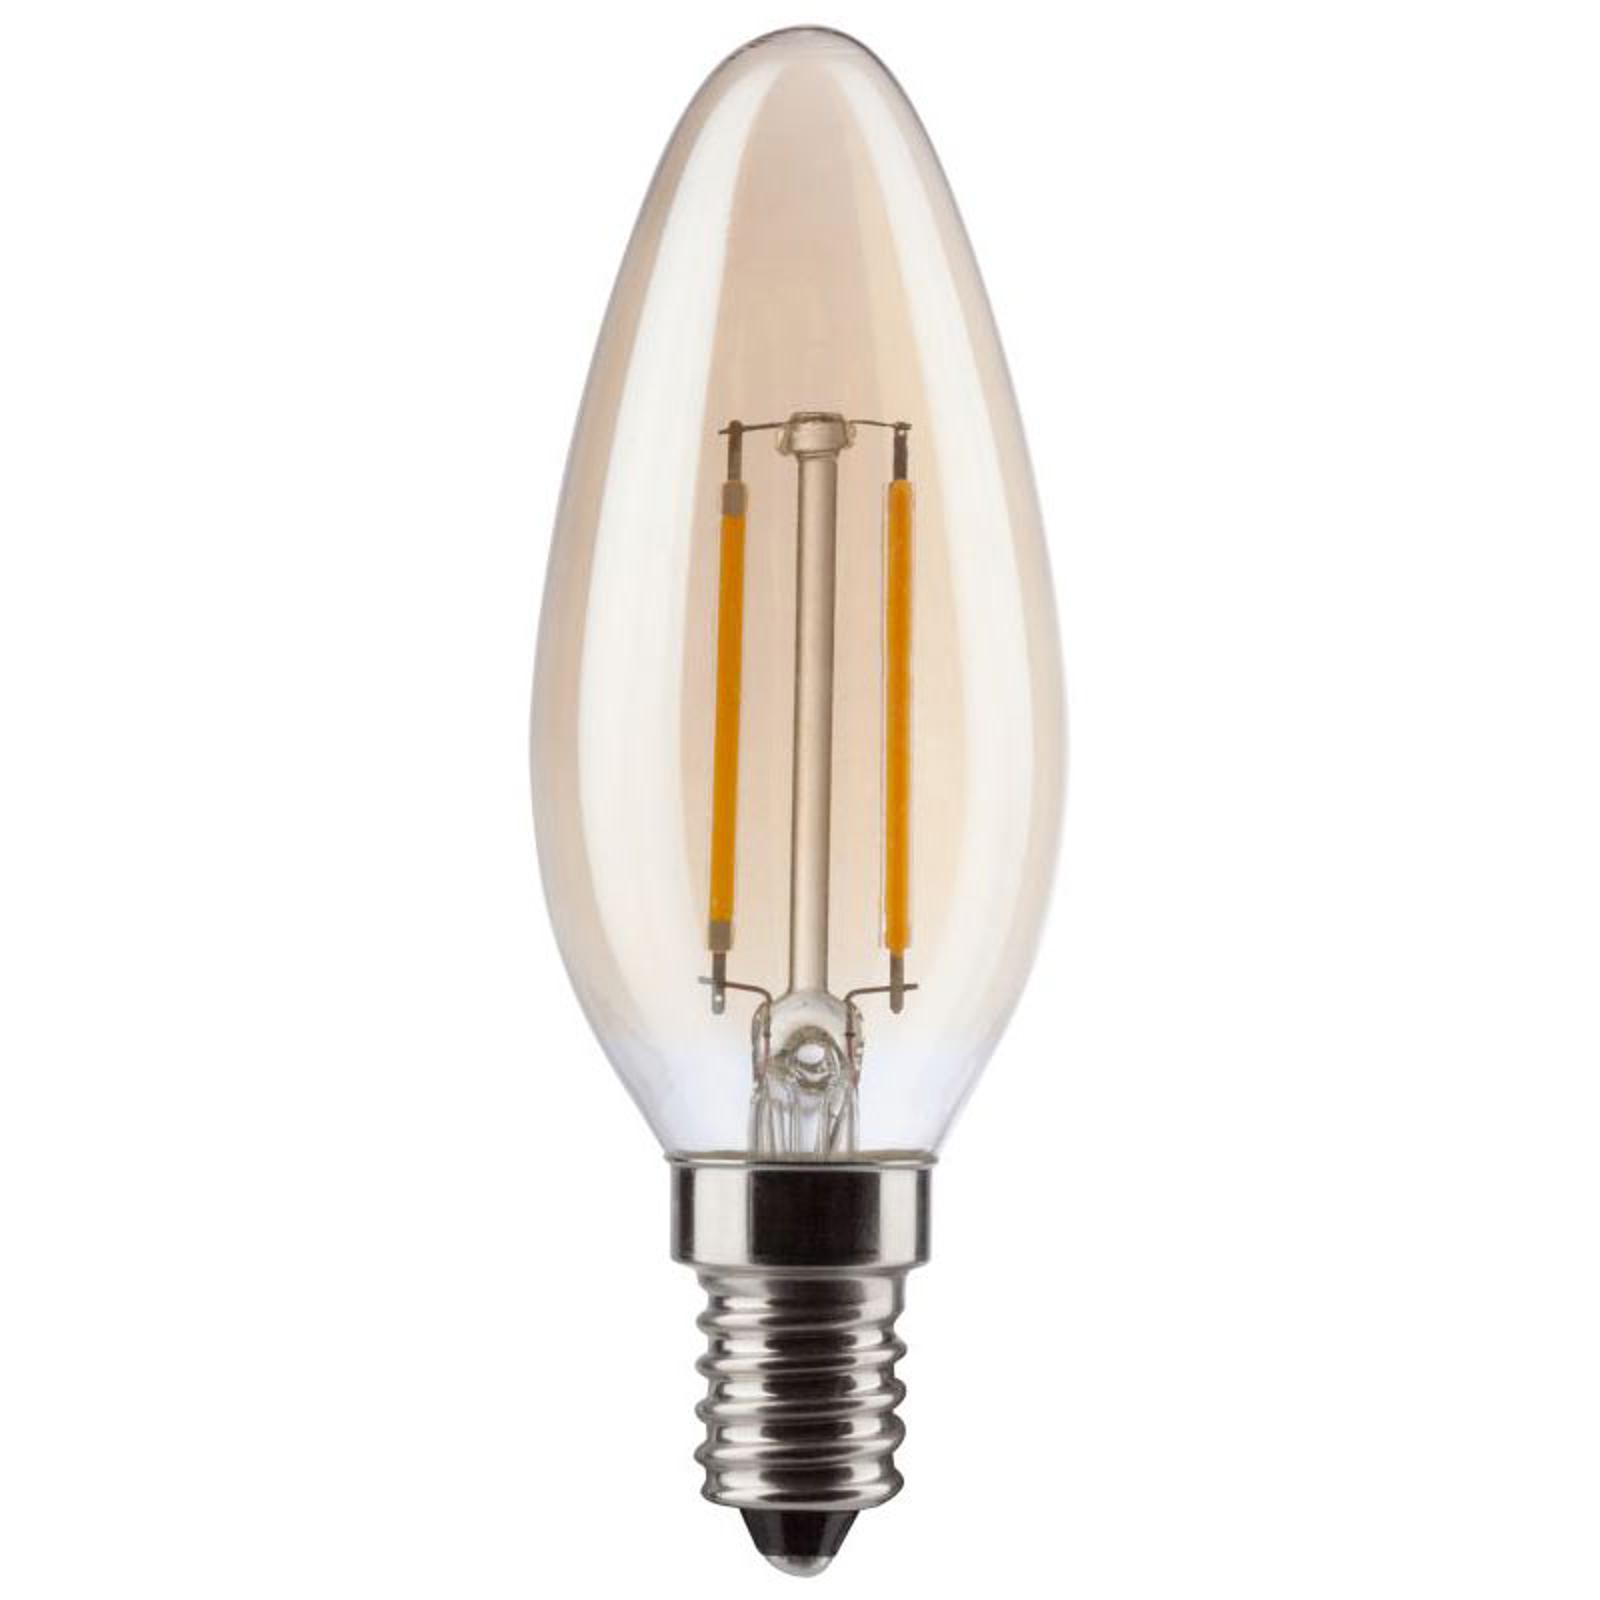 Żarówka świeczka retro LED E14 2,2 W złota 2000K